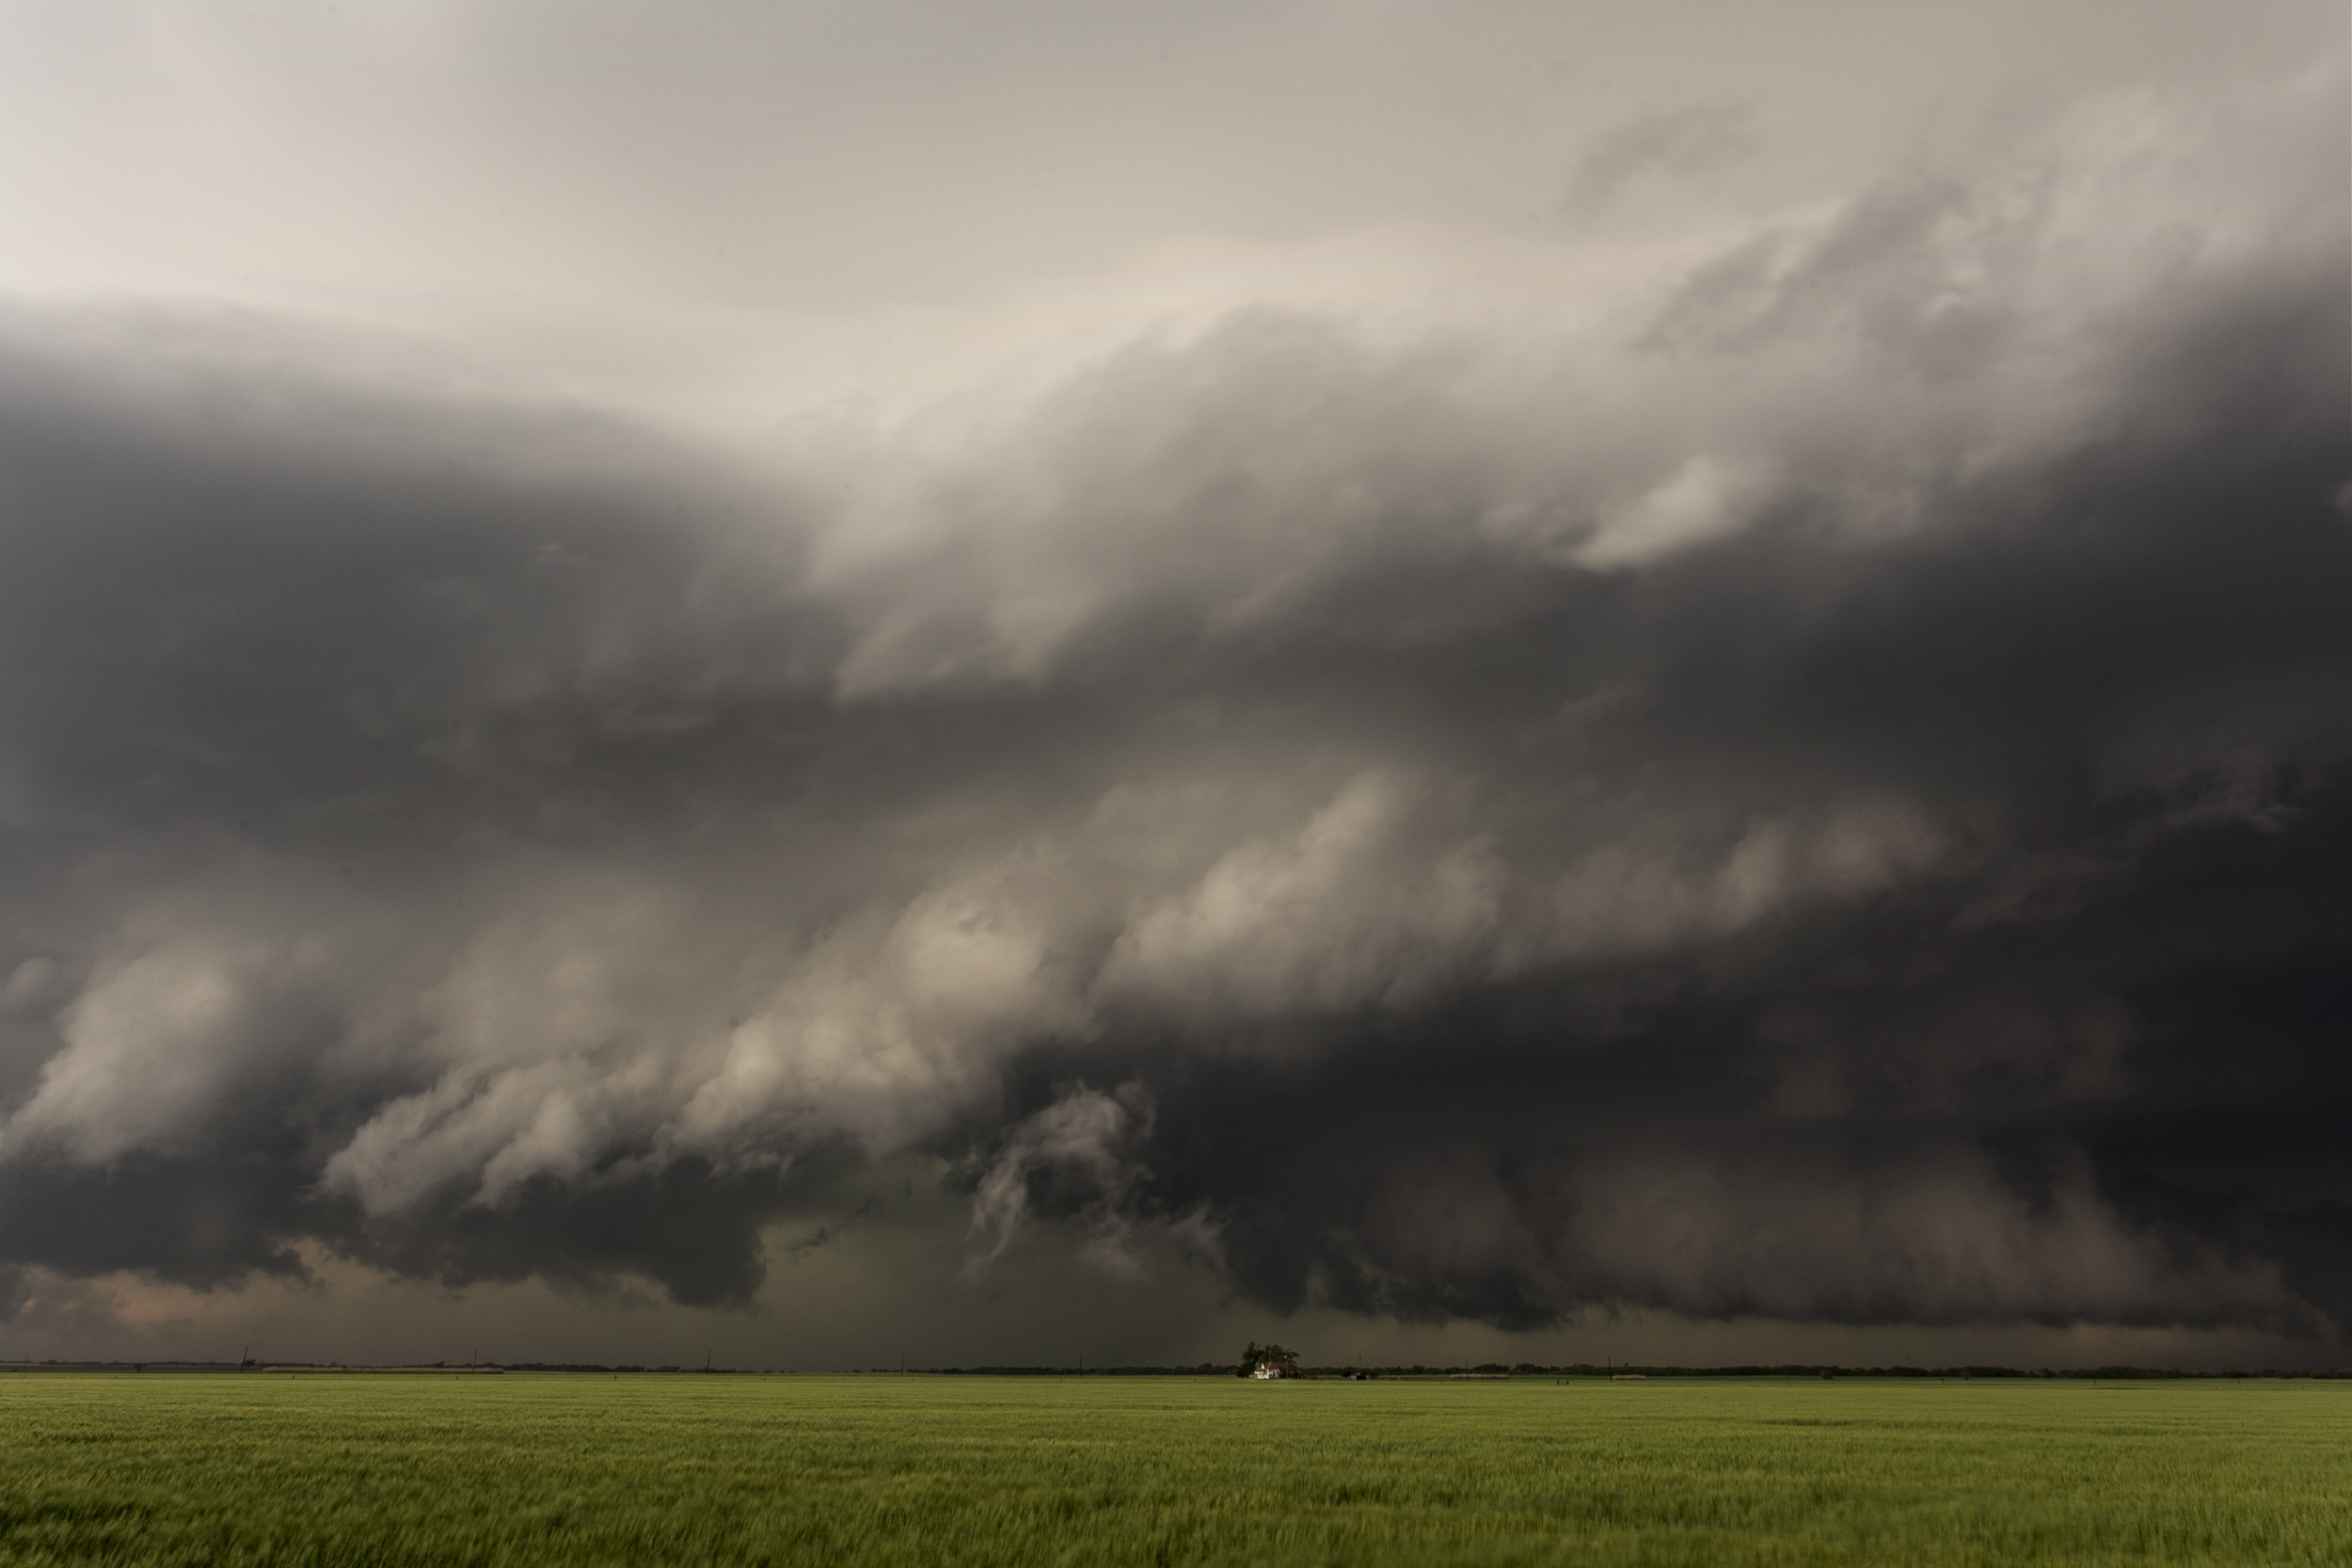 Supercell near Waurika, Oklahoma on May 7, 2014